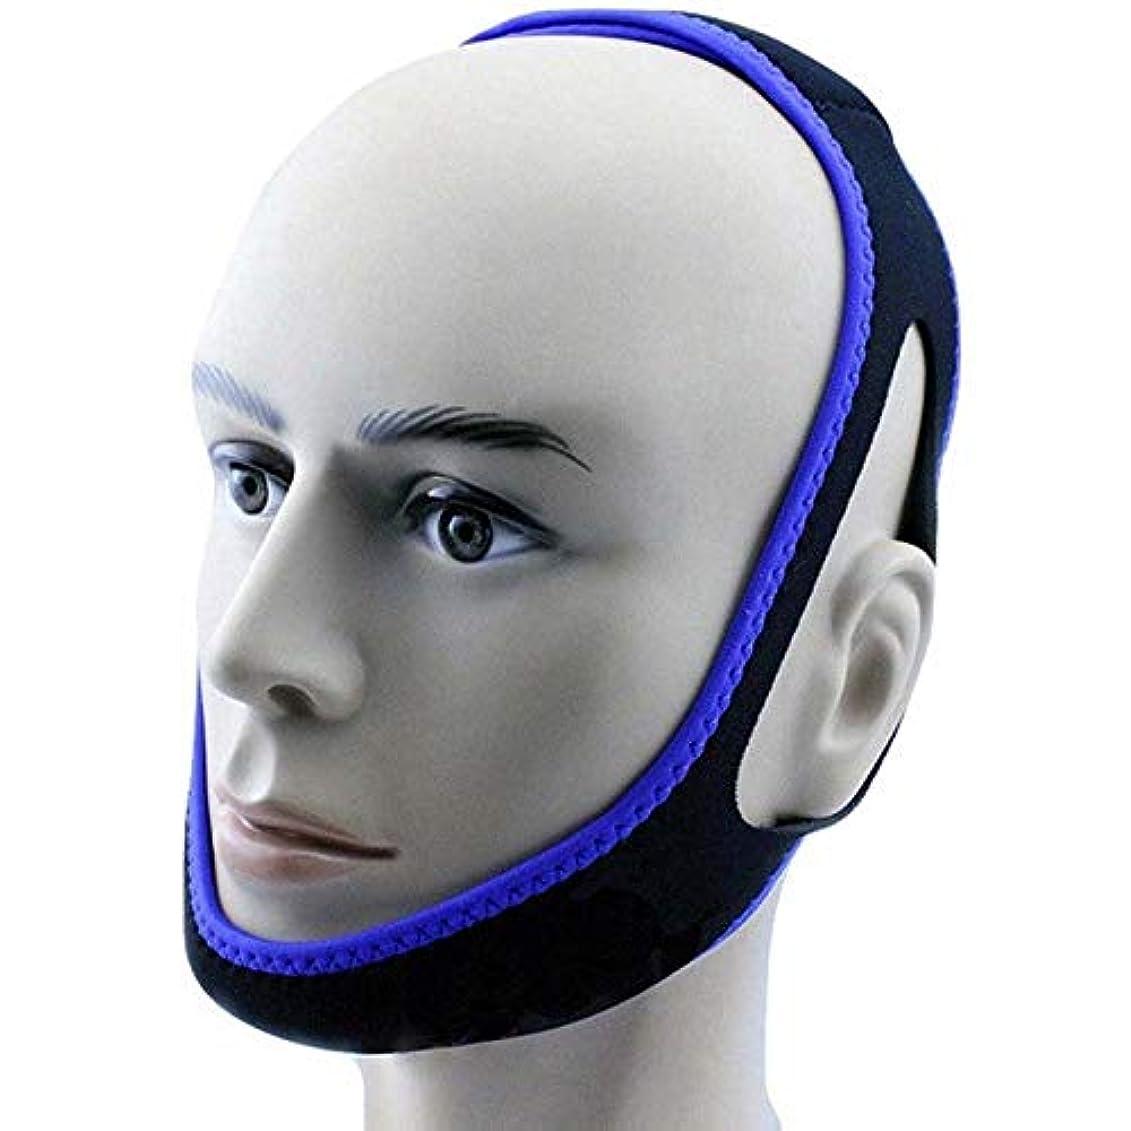 場合専門知識採用注意アンチいびきあごストラップ調節可能な抗いびきベルト深い眠り男性用女性女性いびきヘッドバンド鼻いびきうめき声CCP056